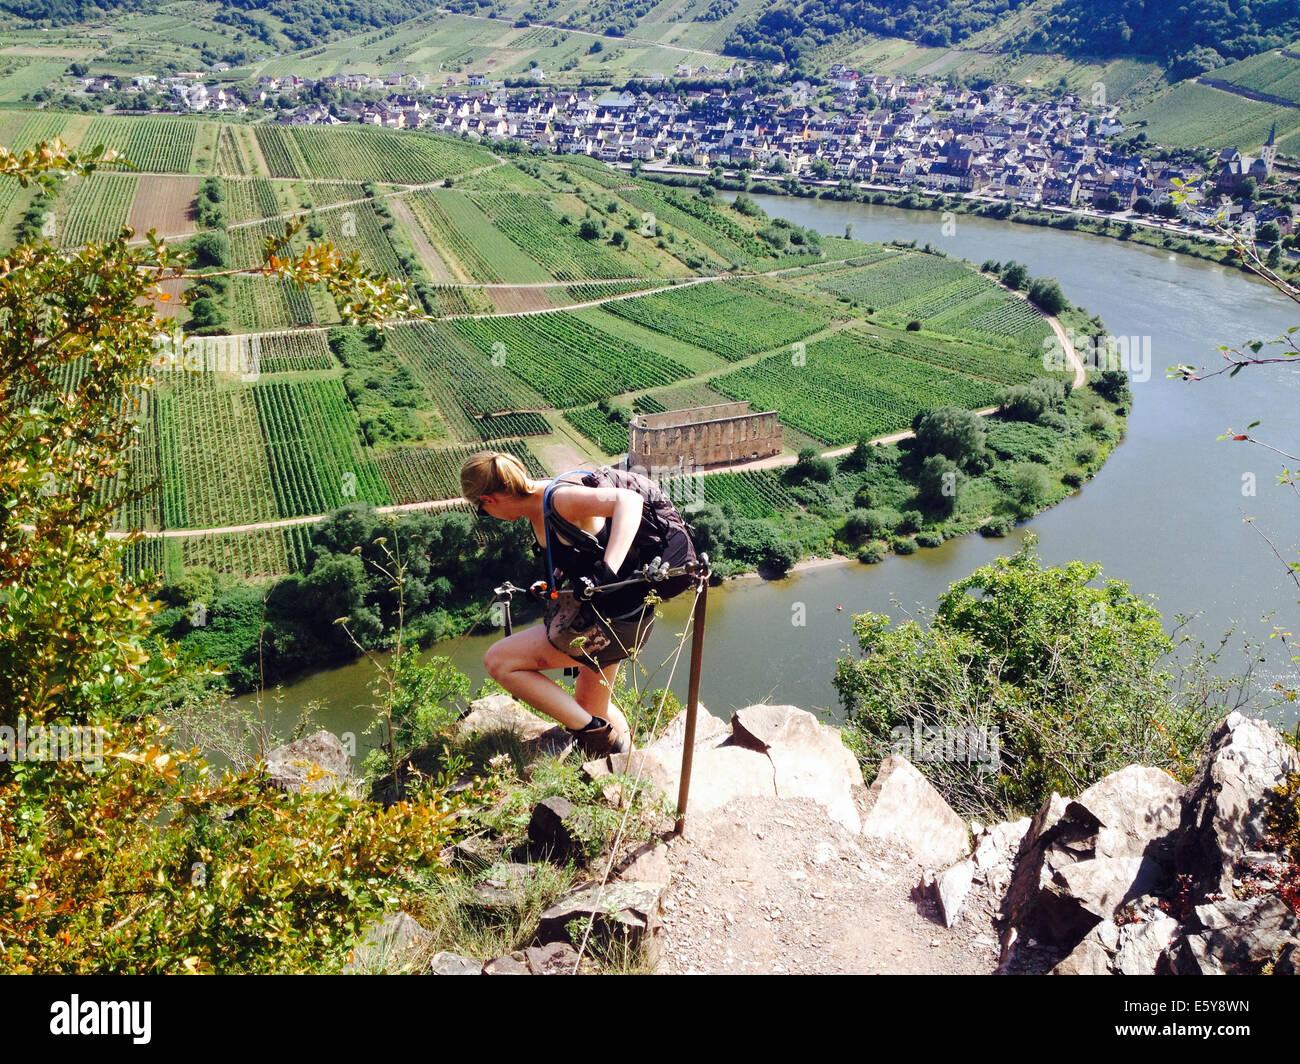 Klettersteig Calmont : Calmont klettersteig stockfotos bilder